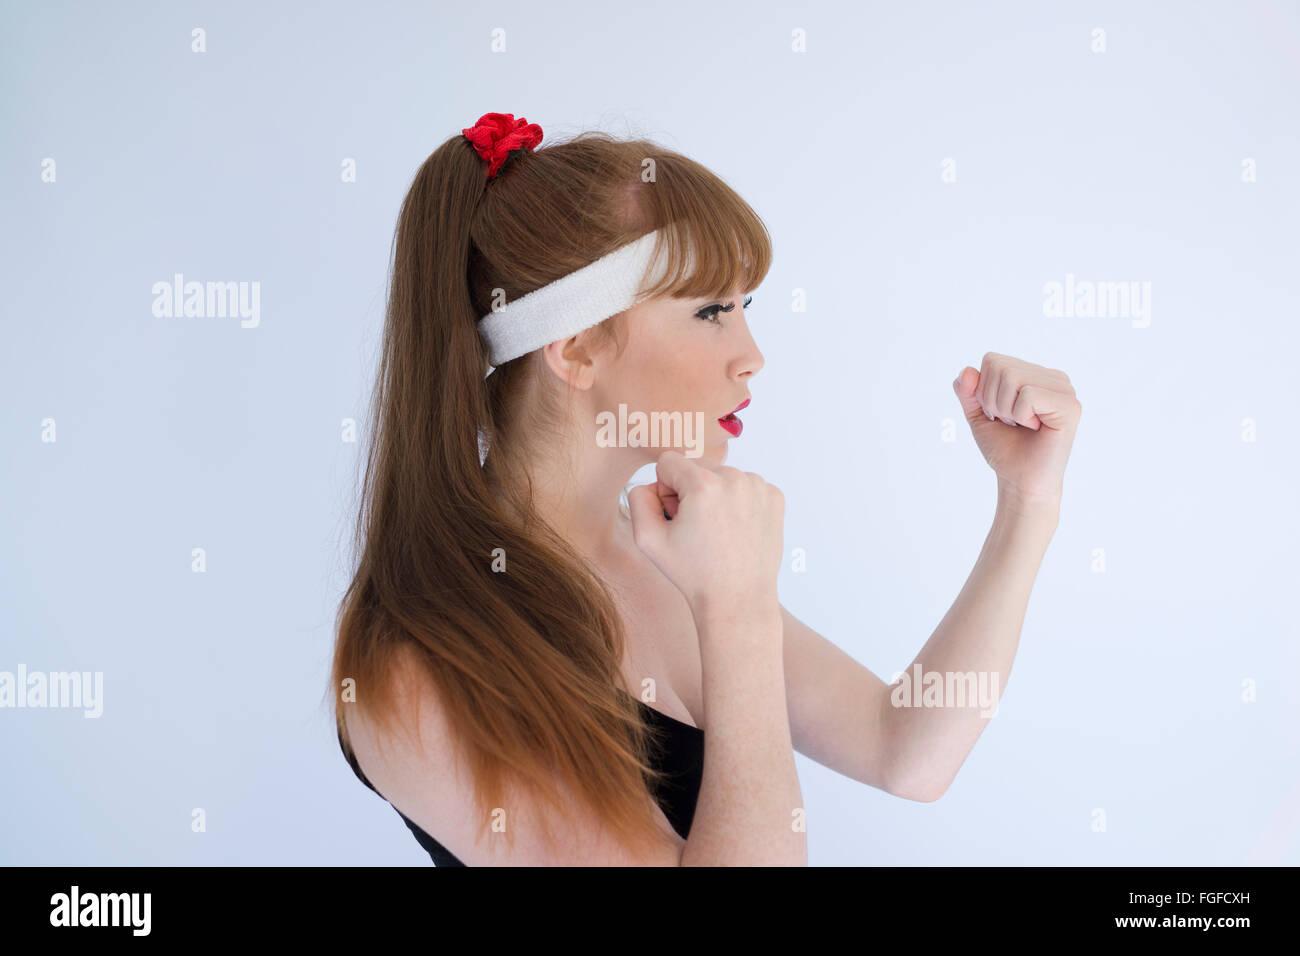 Mujer con el cabello marrón largo vistiendo una vincha de cabeza con sus puños clenched preparándose para participar Foto de stock